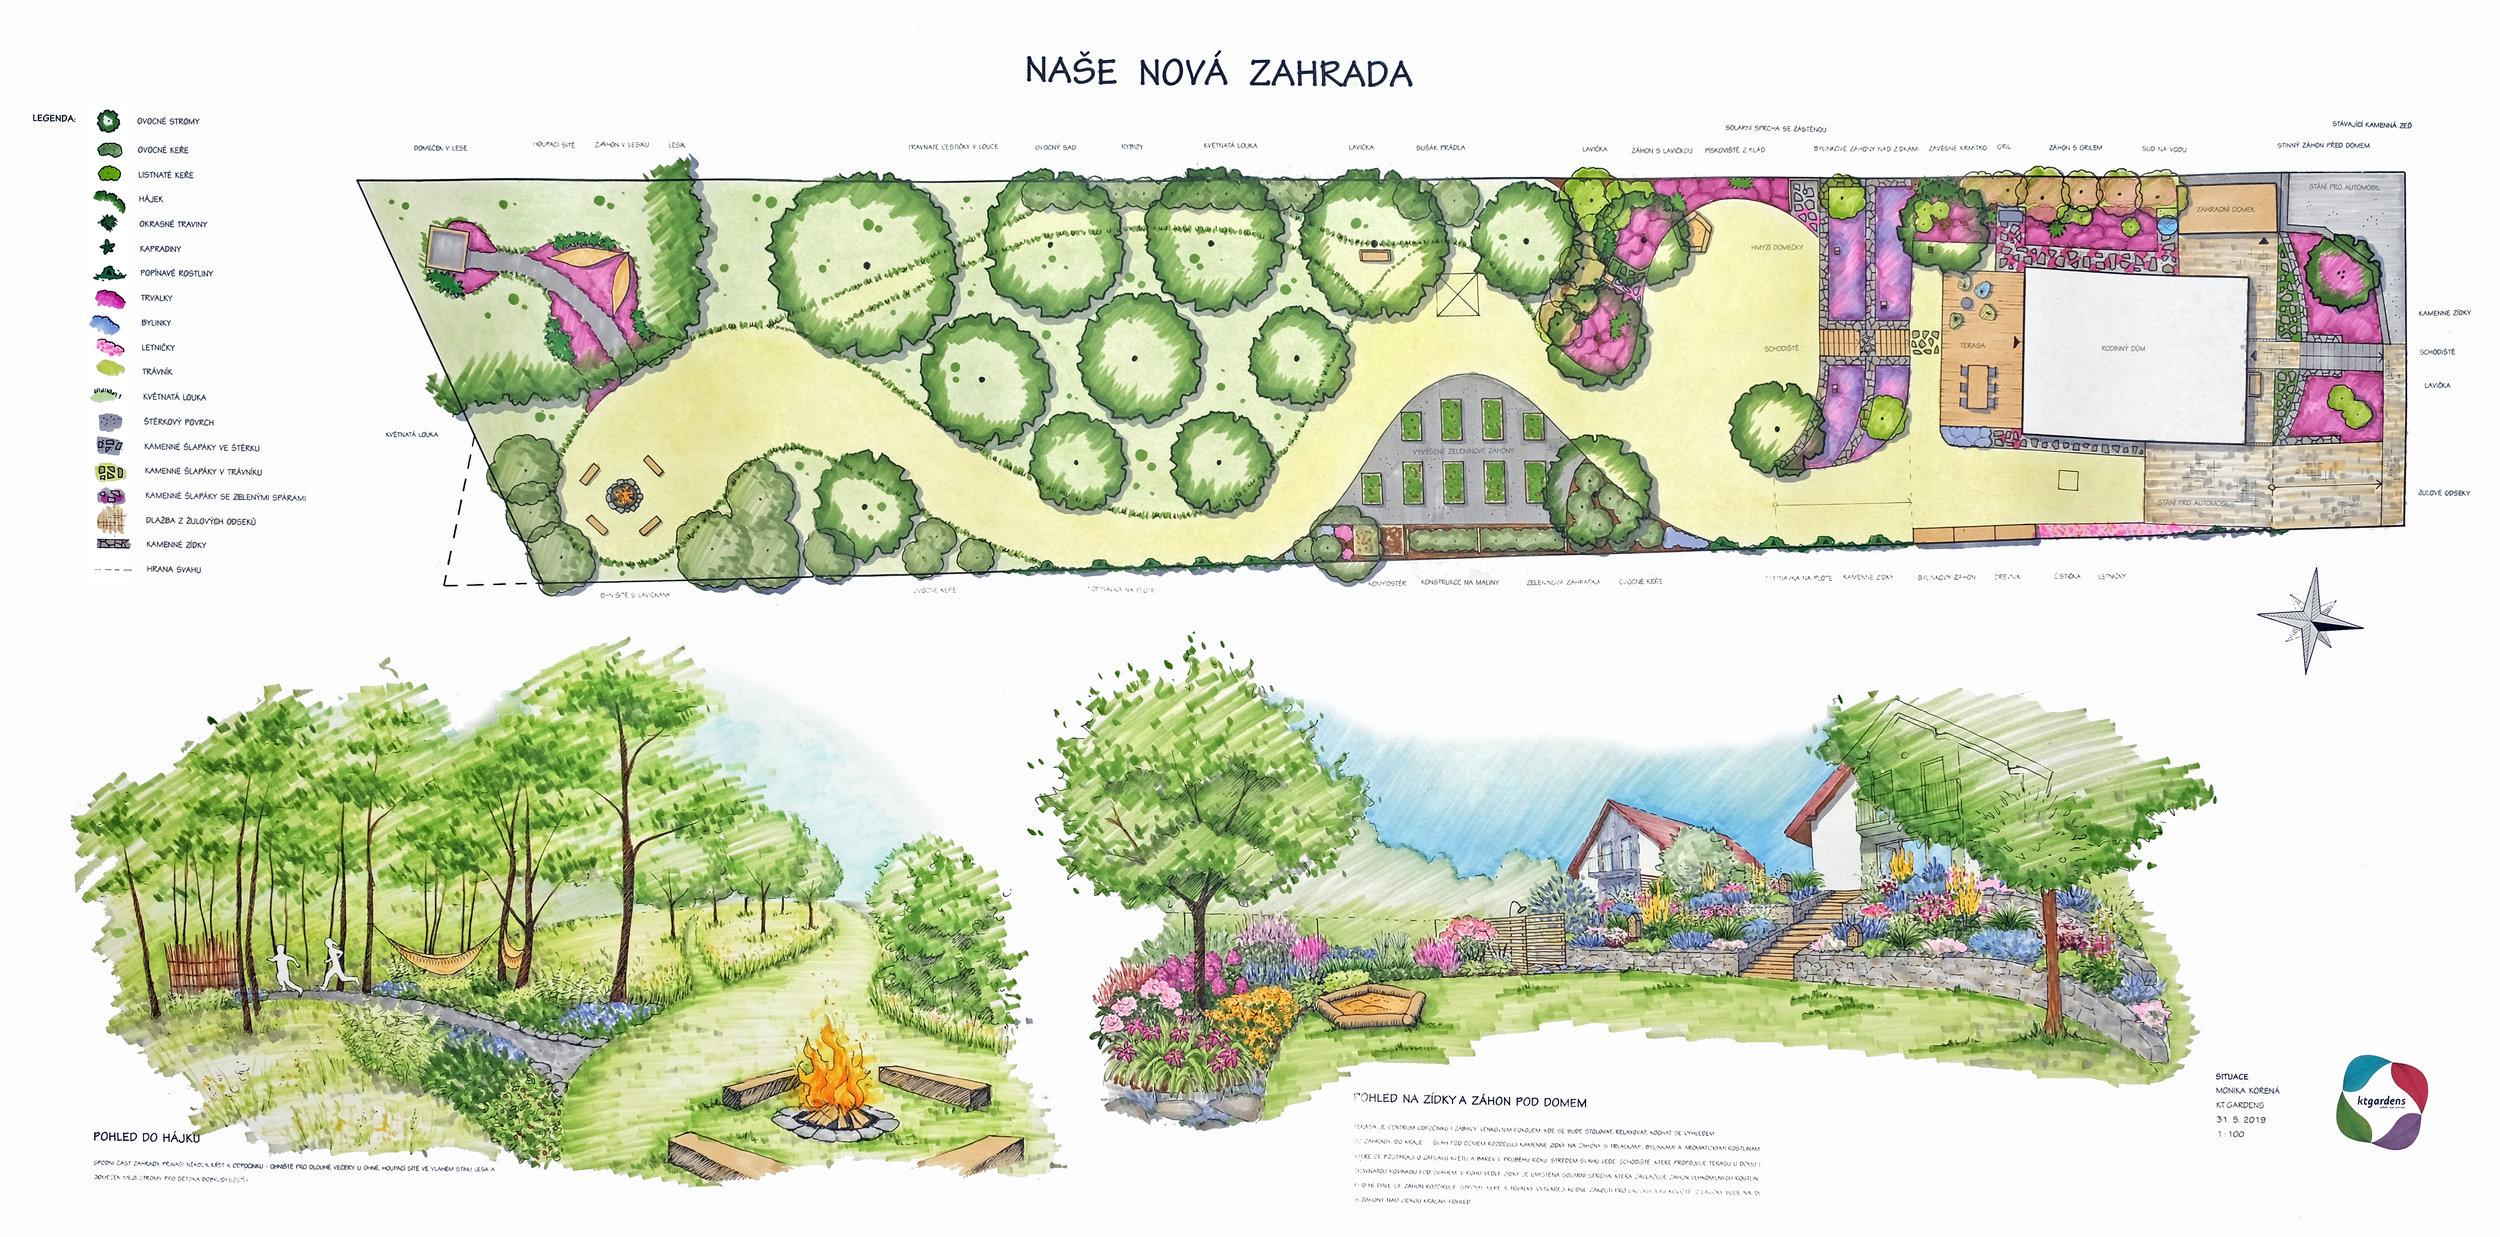 Návrh zahrady v Řepišti, venkovská zahrada, přírodní zahrada. rodinná zahrada, ohniště, trvalky, záhony, kamenné zídky, louka, les, sad, KTgardens